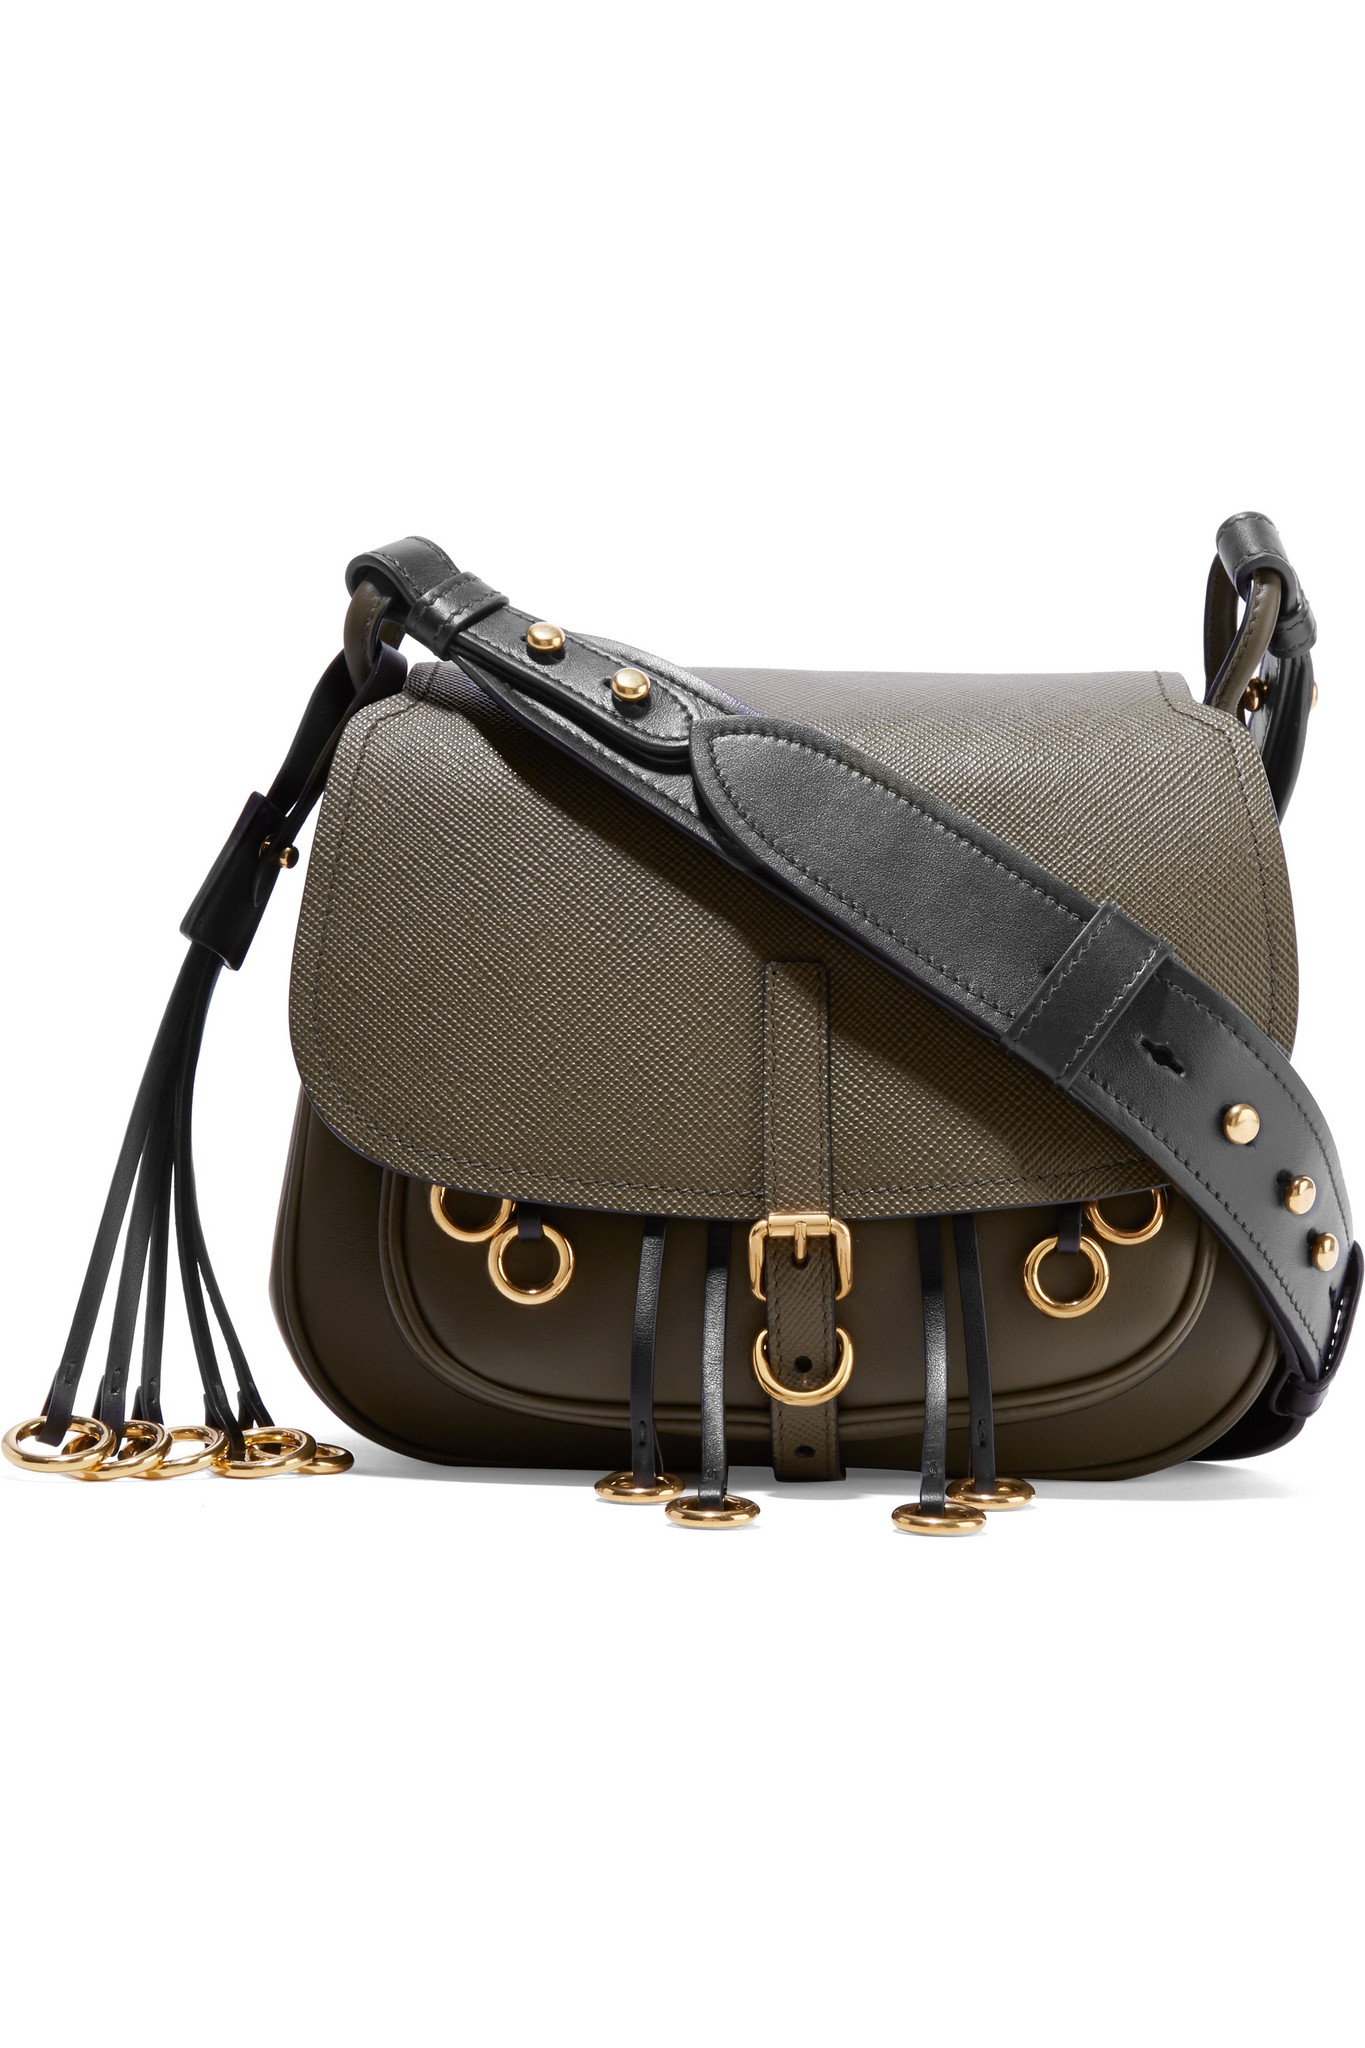 ad3c81c4af5d Prada Corsaire Embellished Leather Shoulder Bag in Green - Lyst